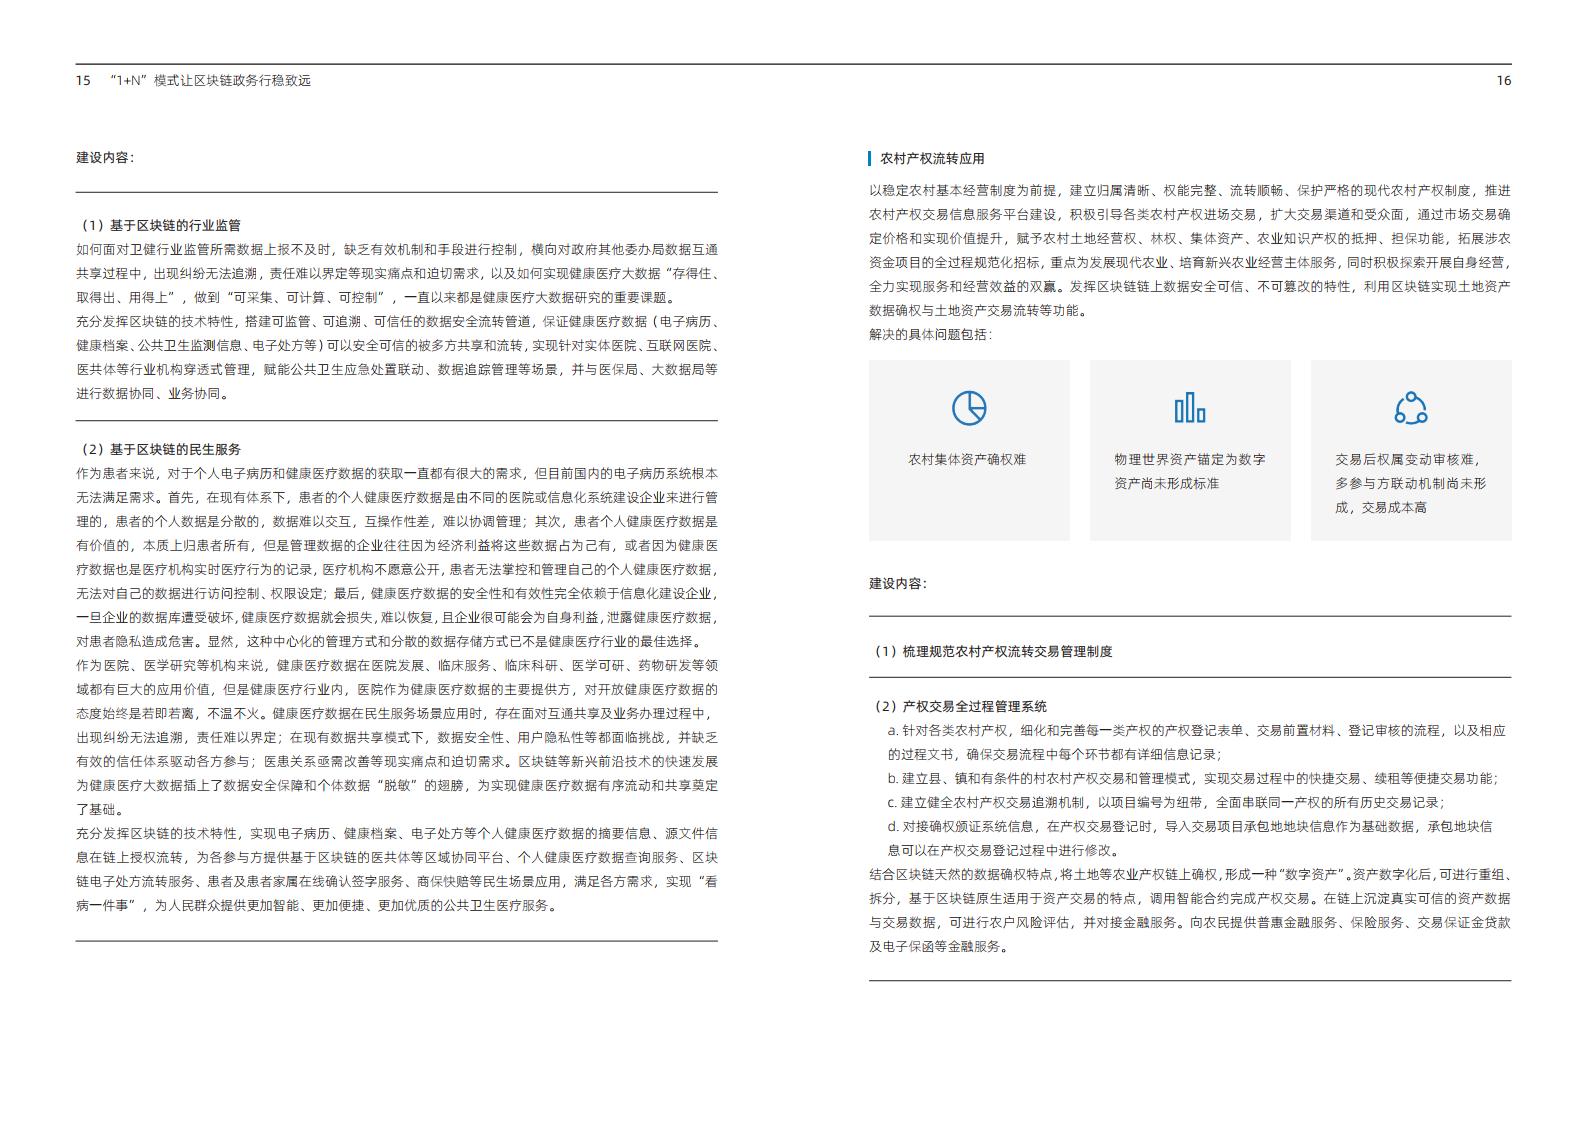 螞蟻集團研究院:2020區塊鏈政務應用白皮書(附下載)